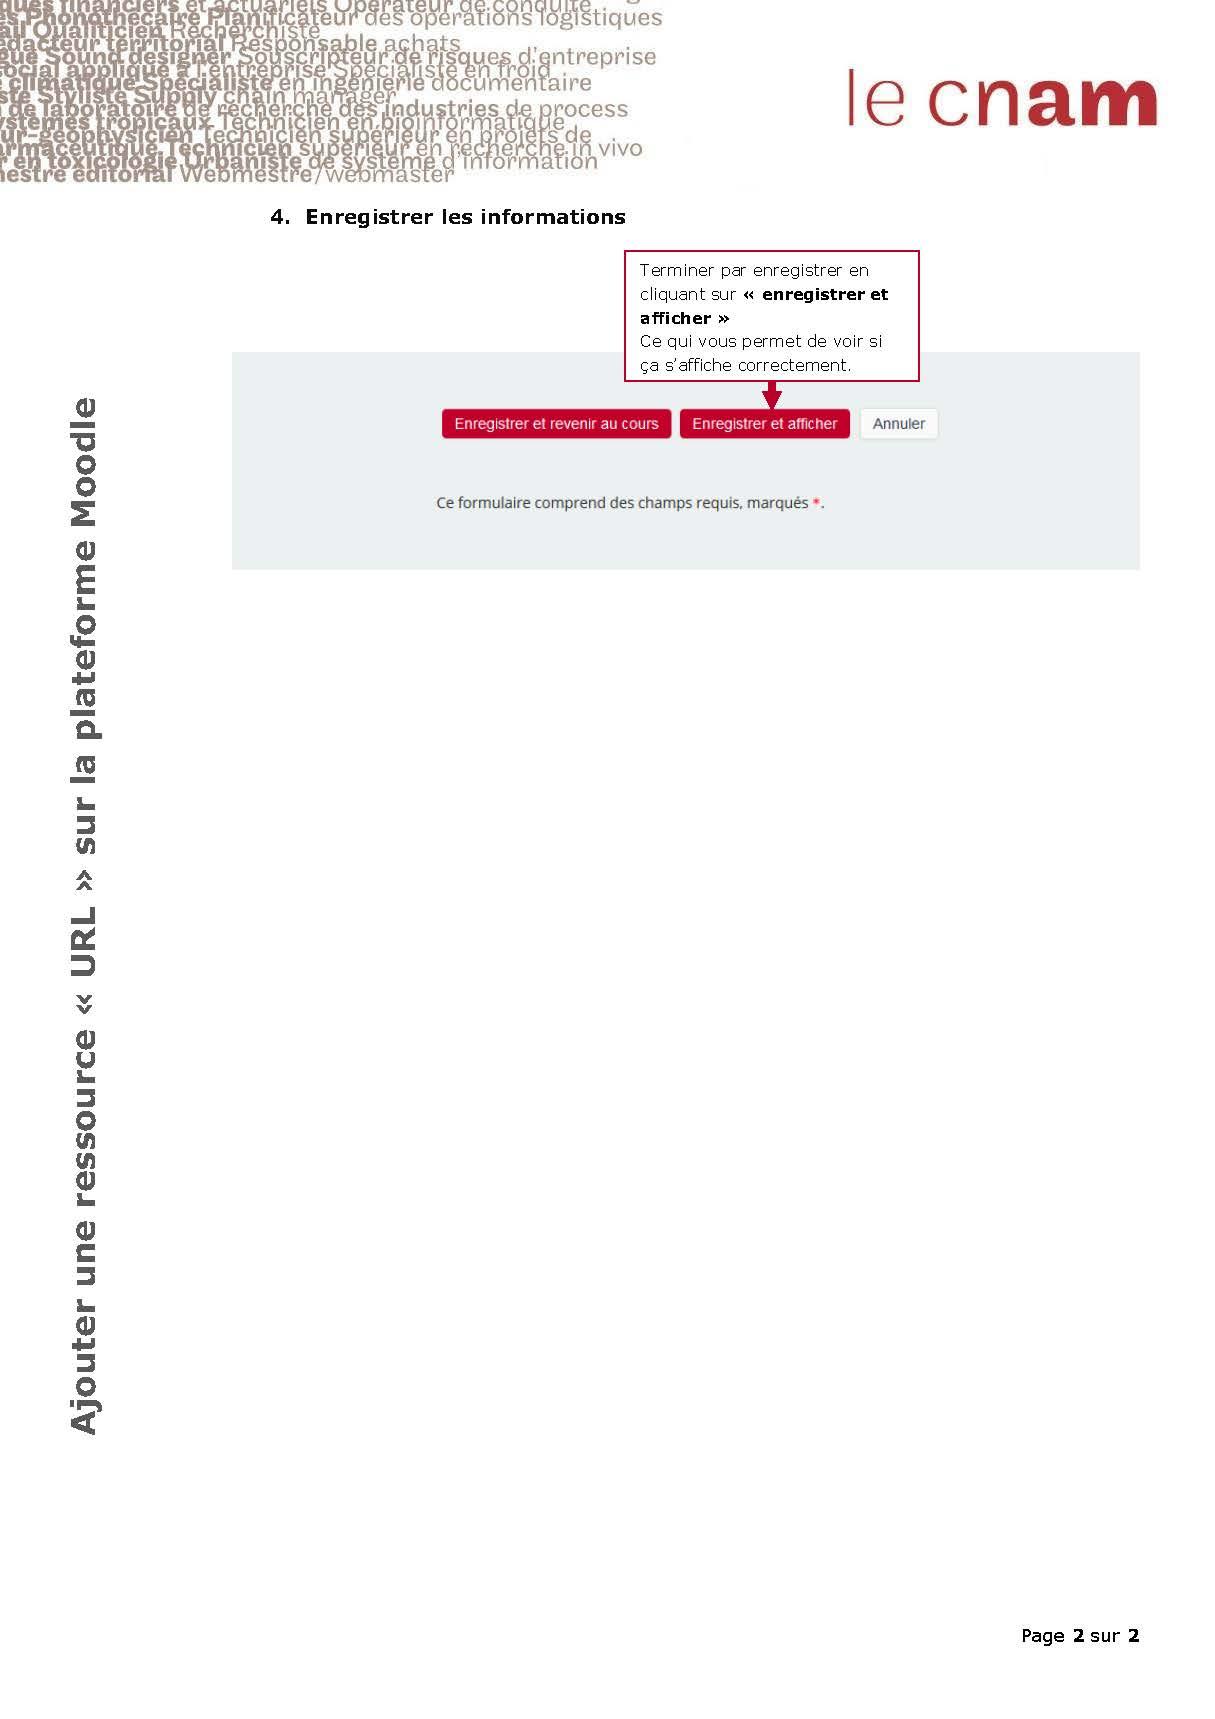 Ajouter_un_lien_internet_sur_Moodle_Page_2